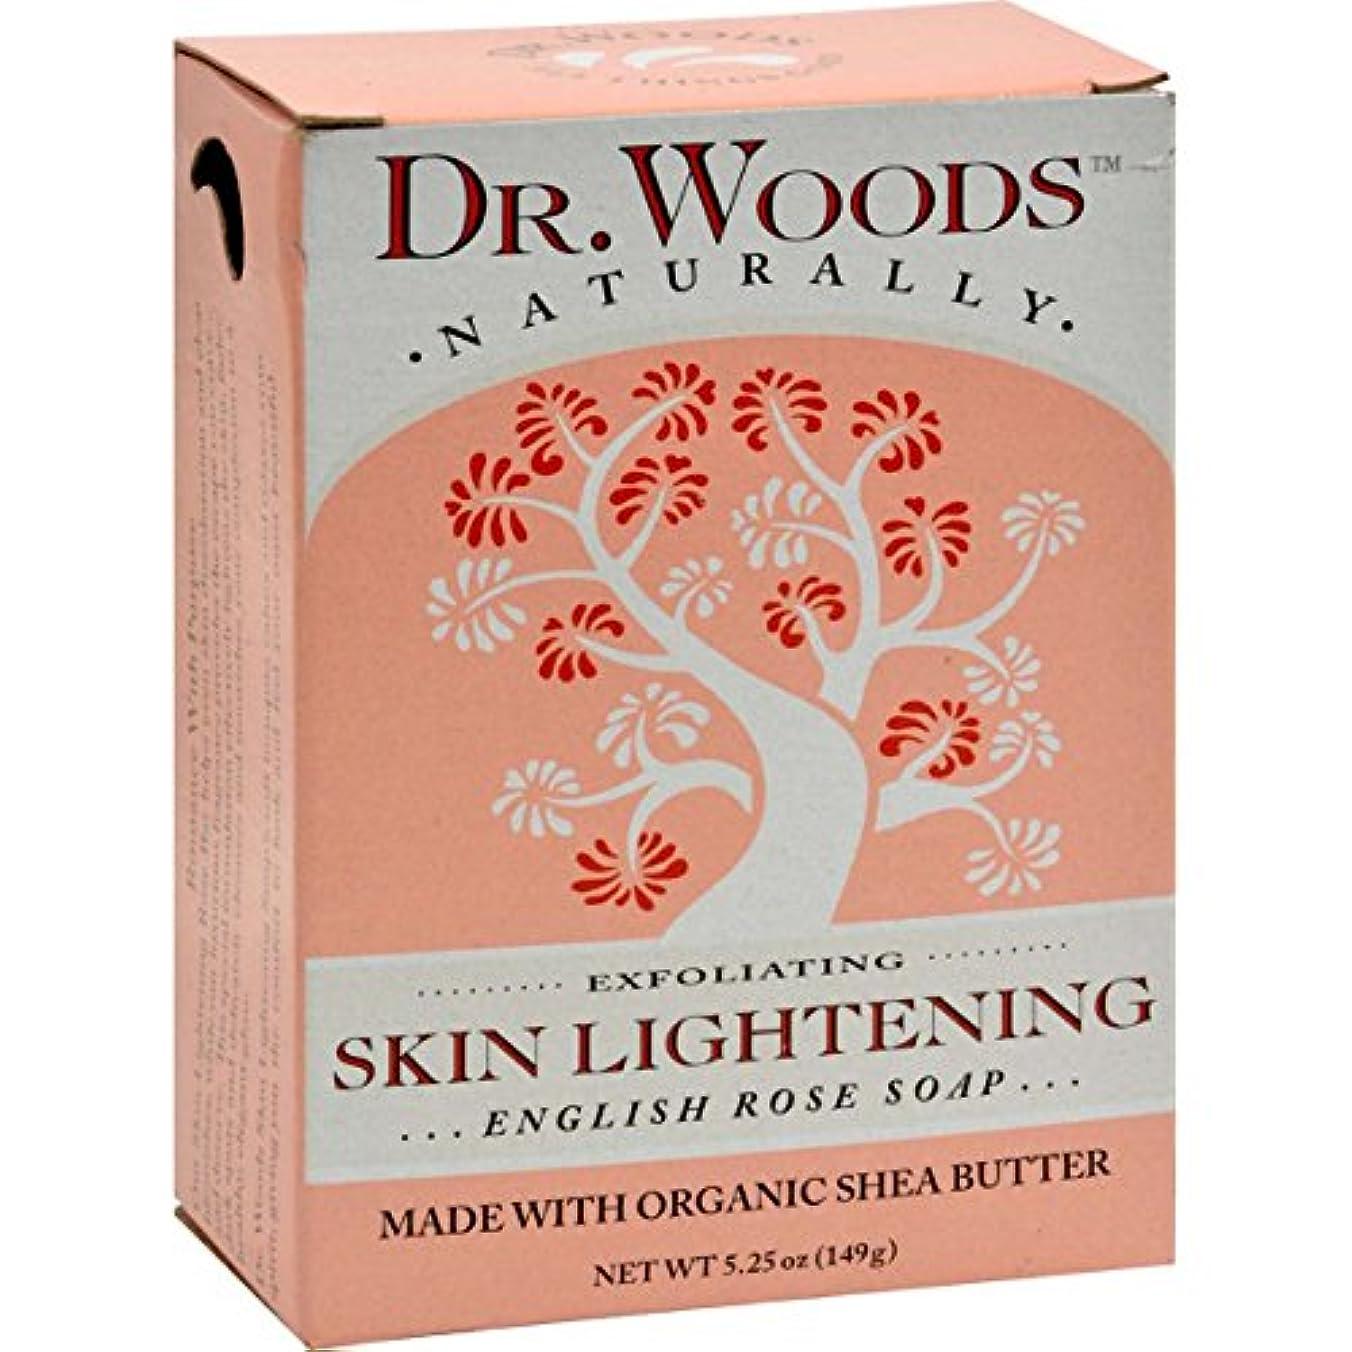 ヒュームスタンド失業者Dr. Woods, English Rose Soap, Skin Lightening, 5.25 oz (149 g)